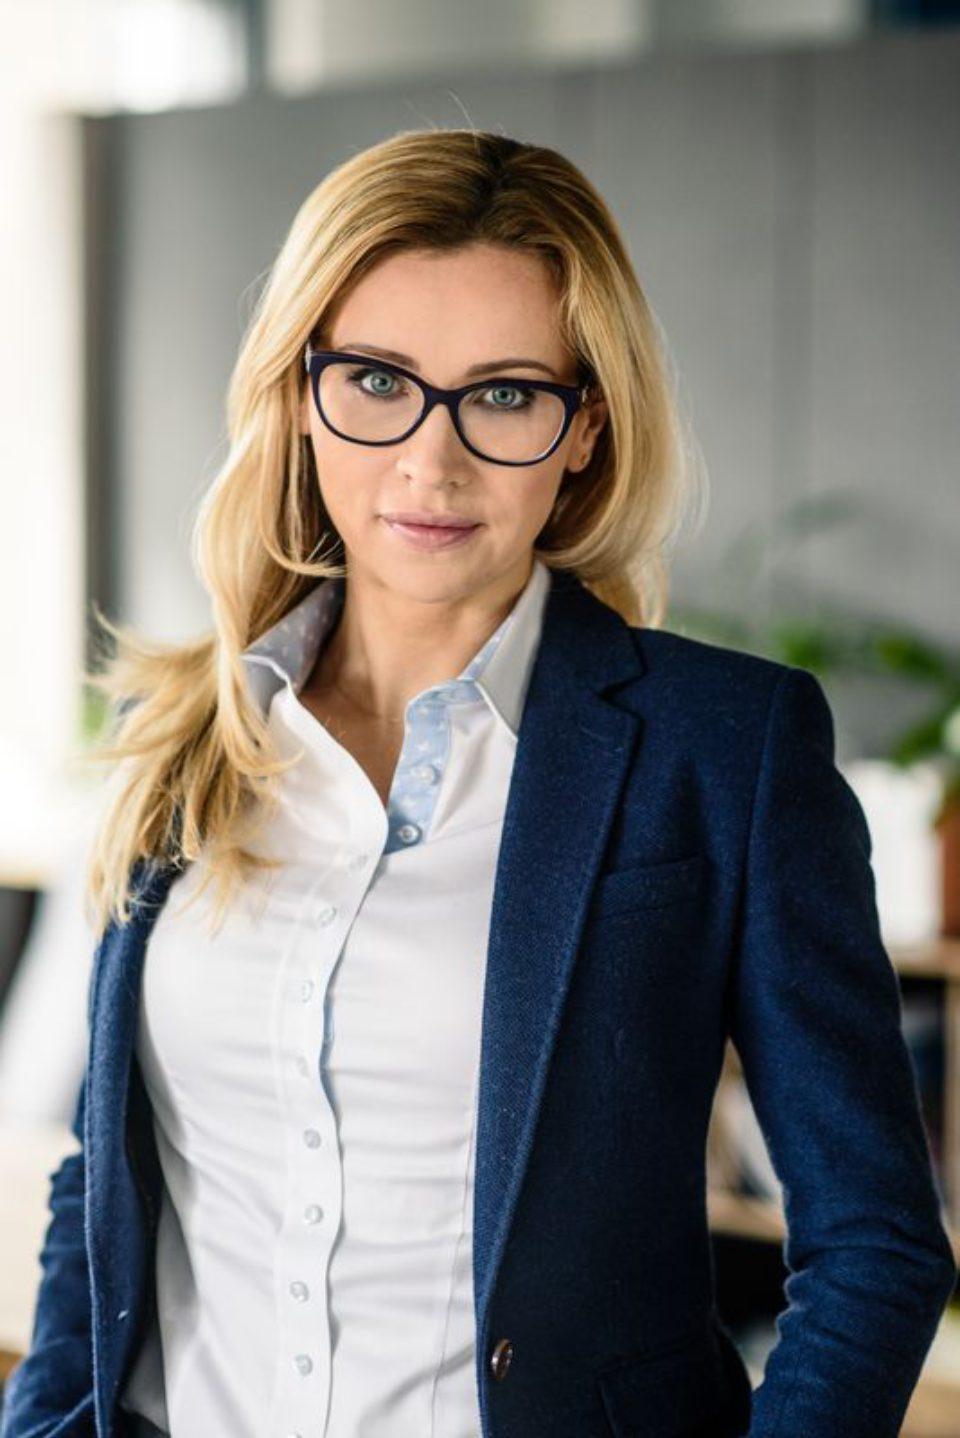 portret biznesowy kobiety